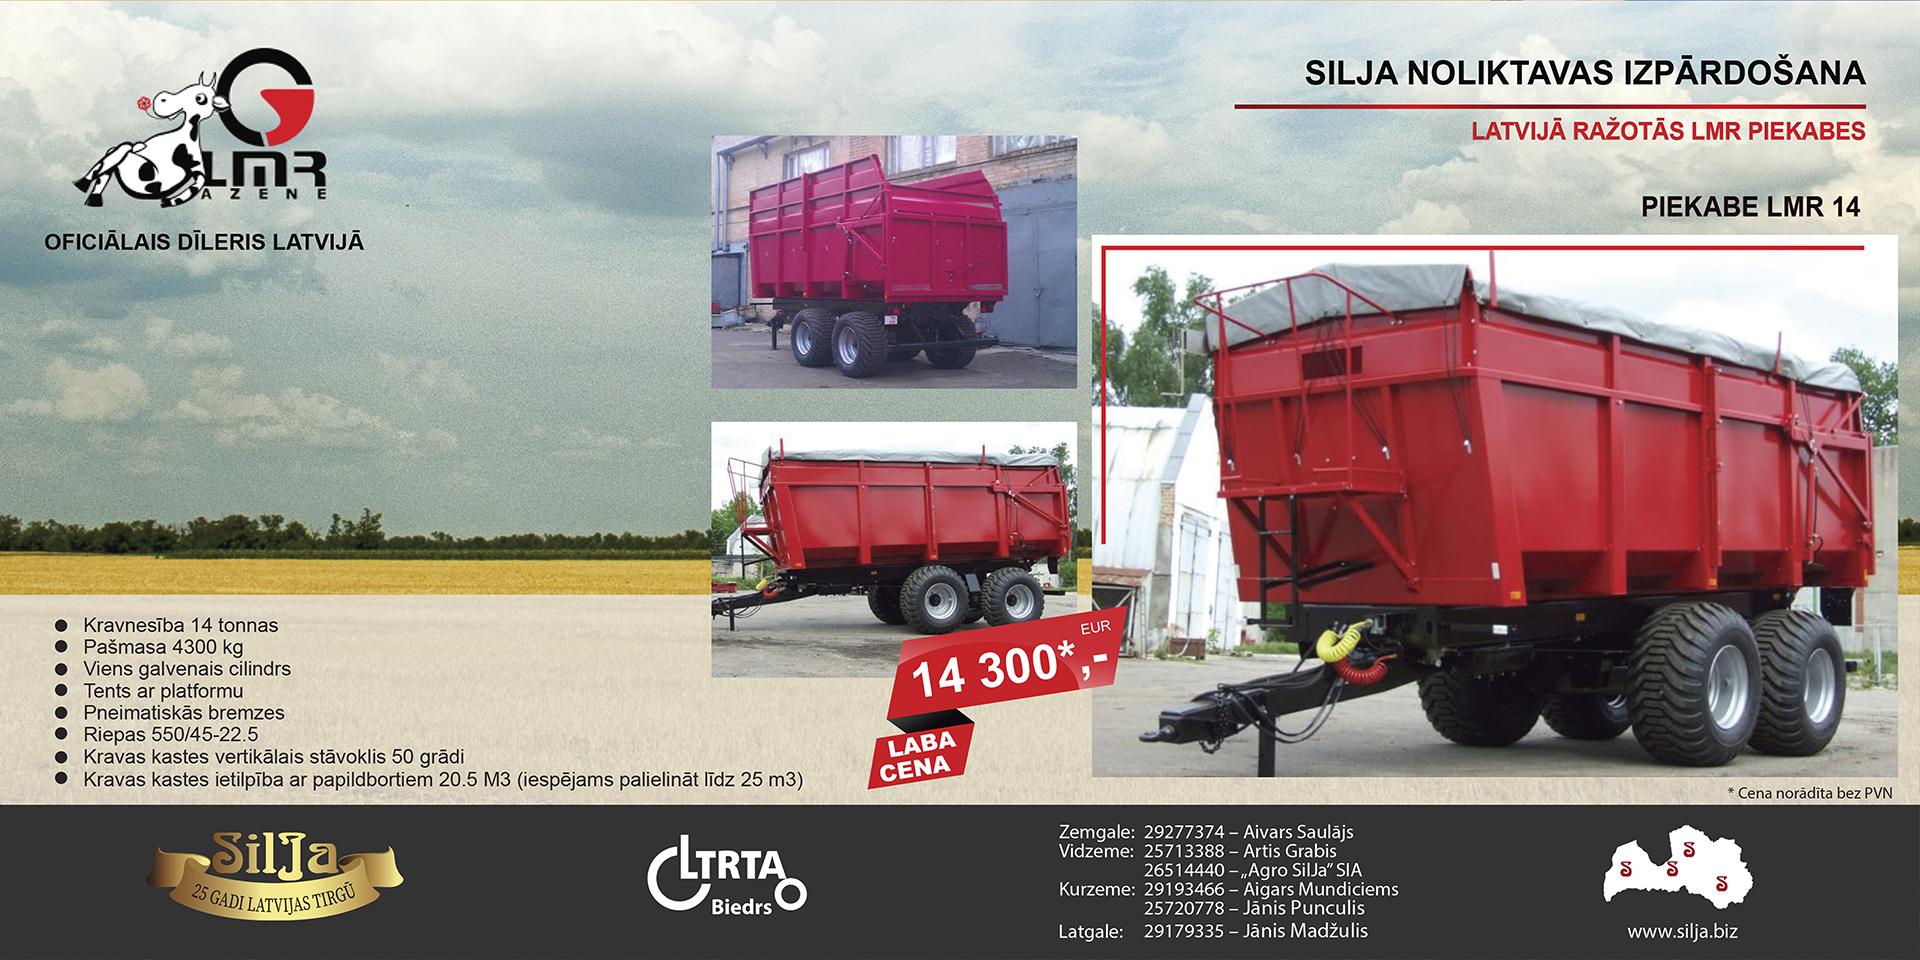 Silja-lmr-1920x960